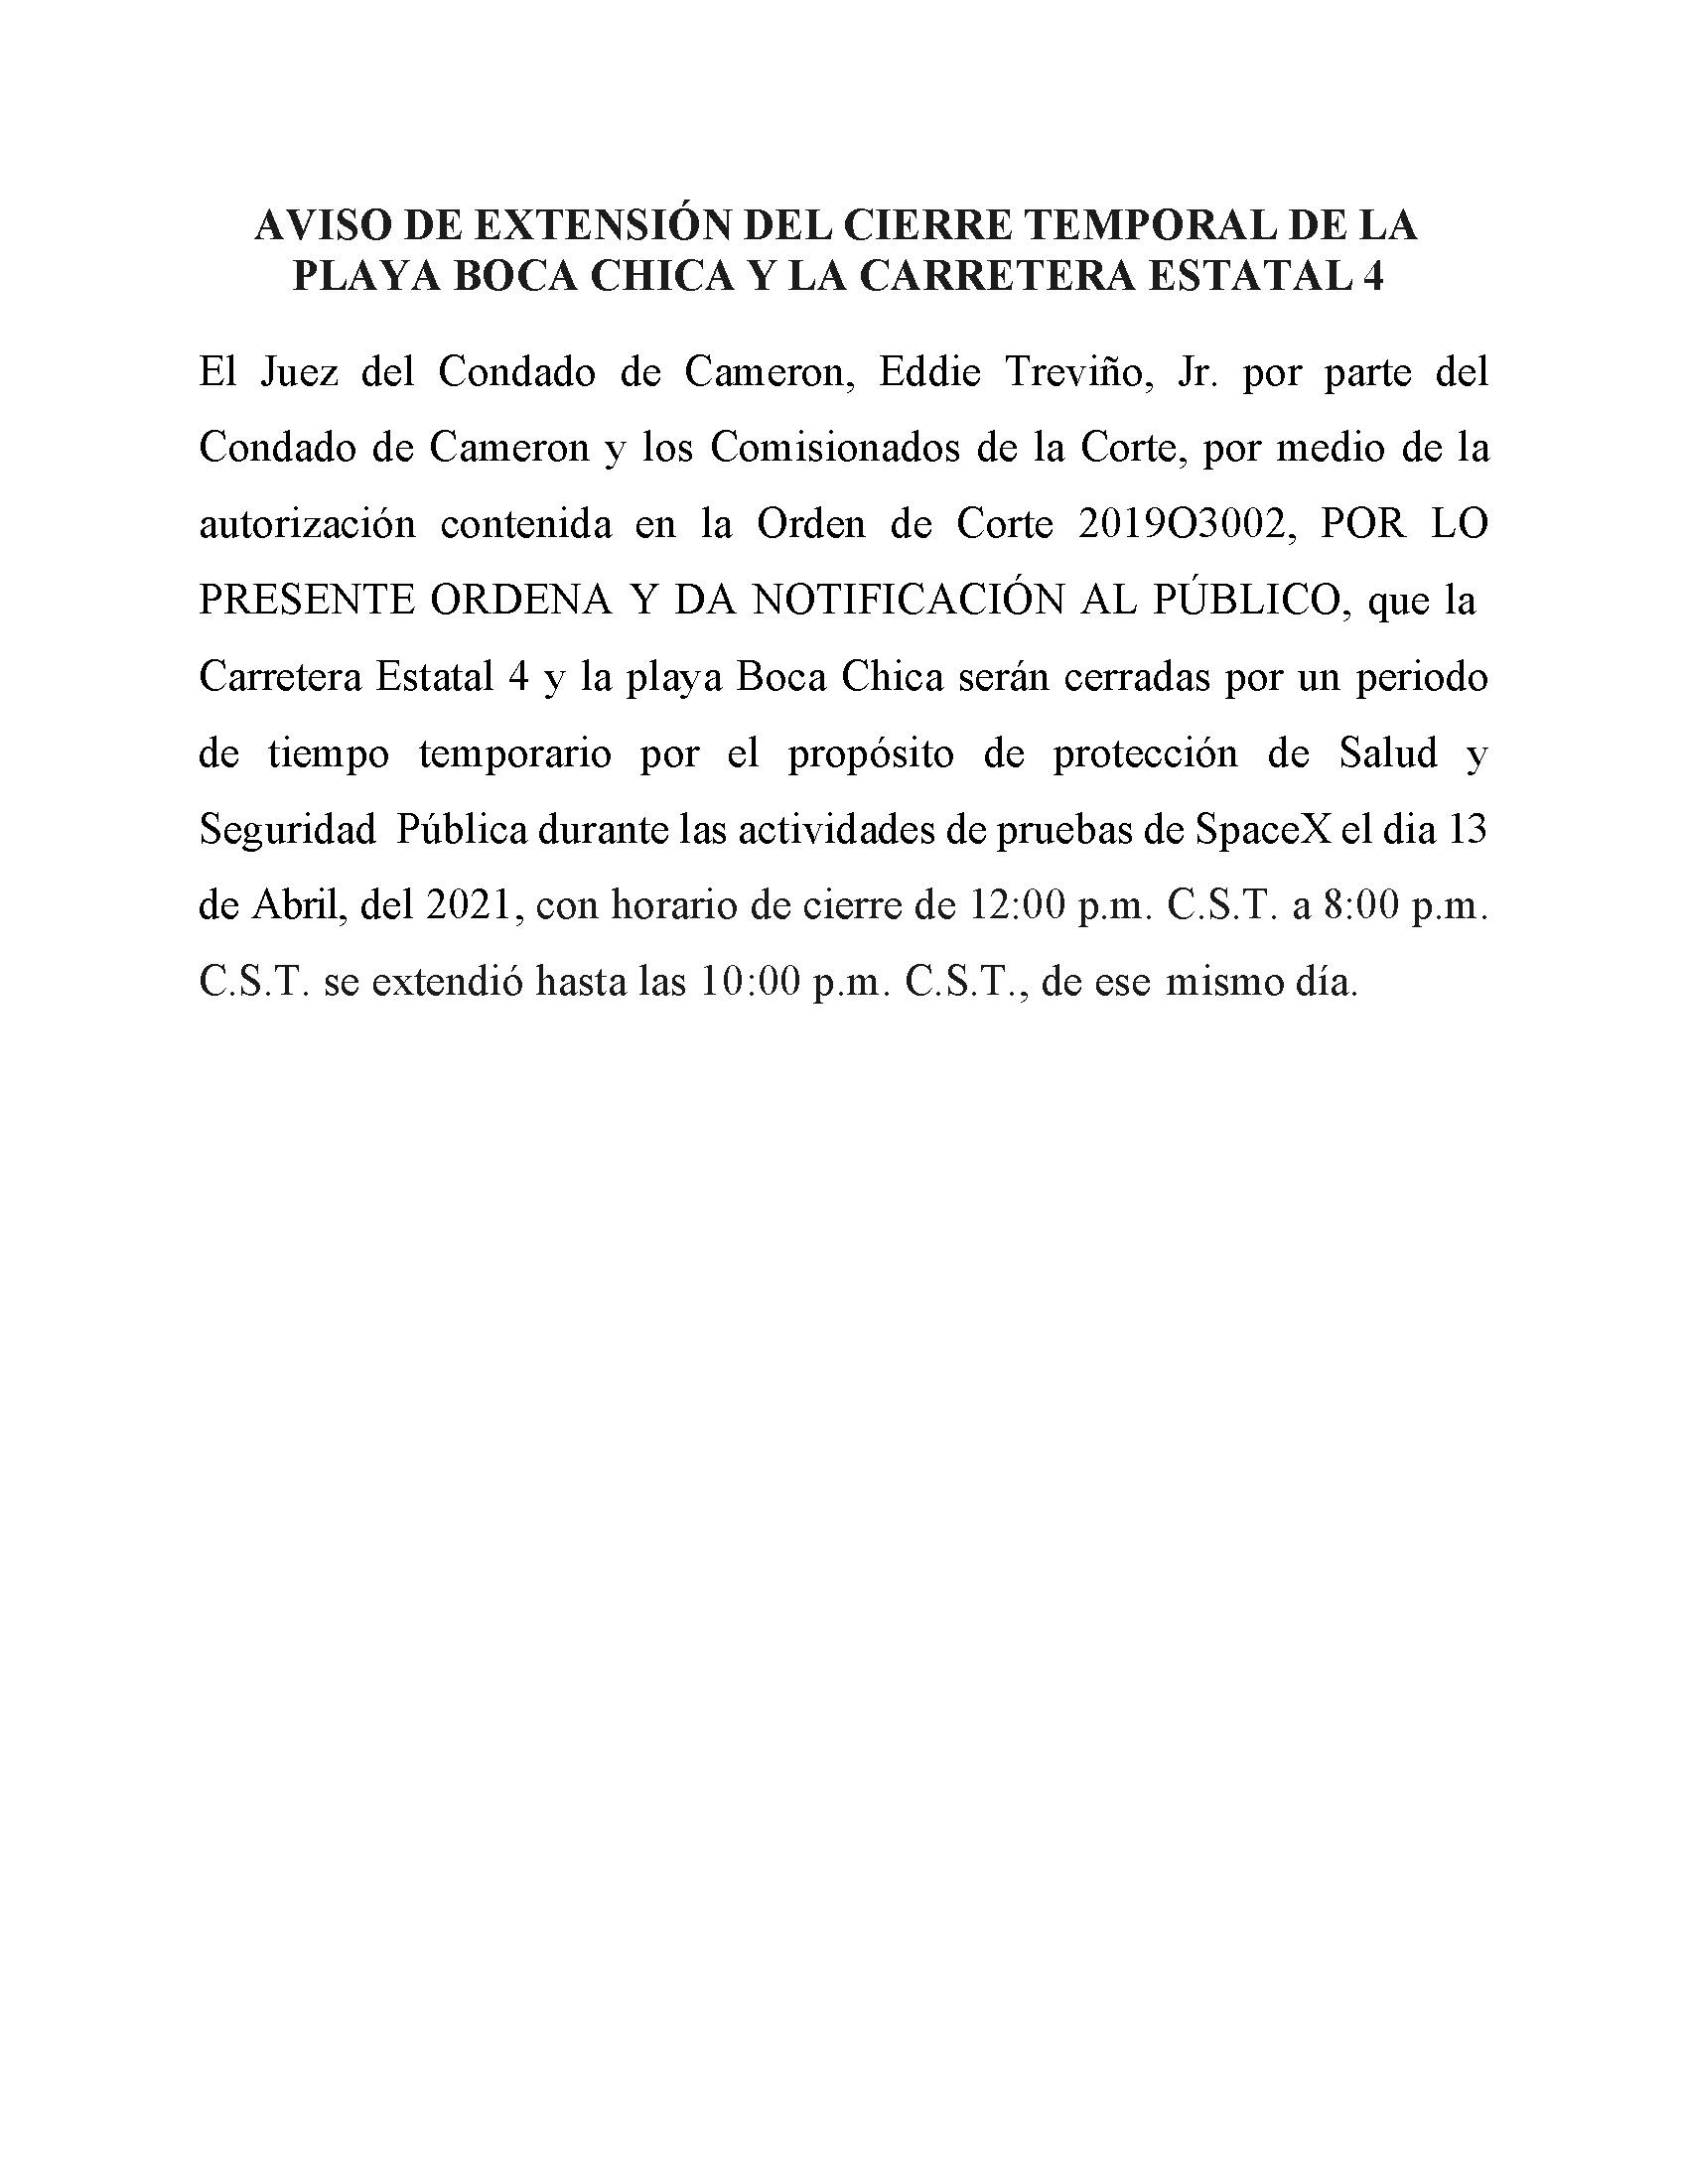 04.13.2021 Order In Spanish